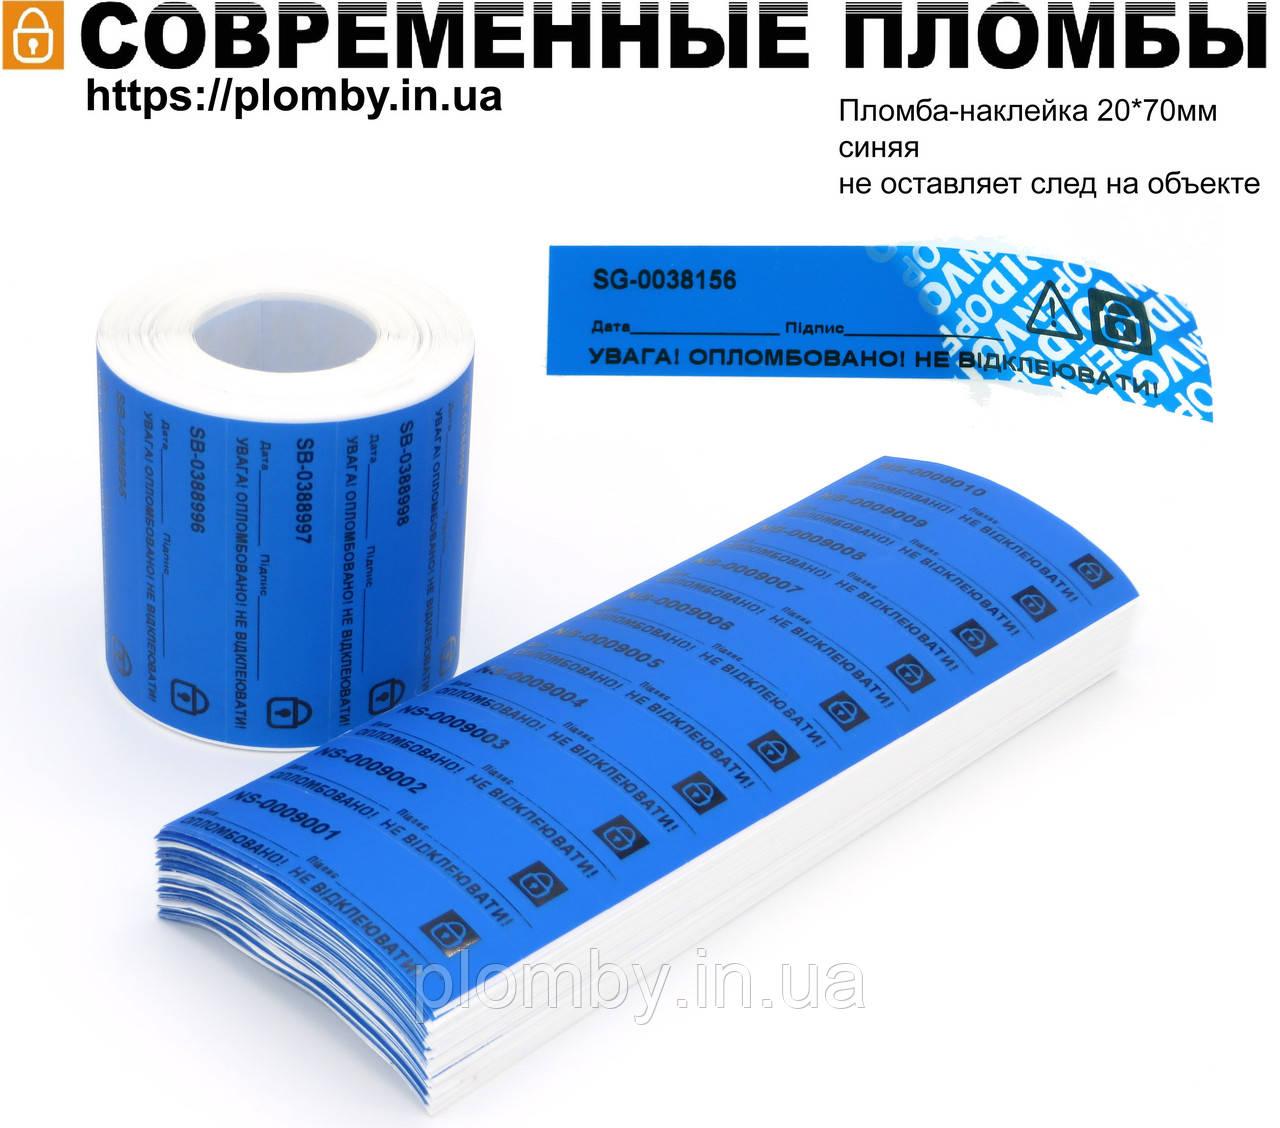 Индикаторные пломбы-наклейки 20х70 мм, пломба наклейка с логотипом